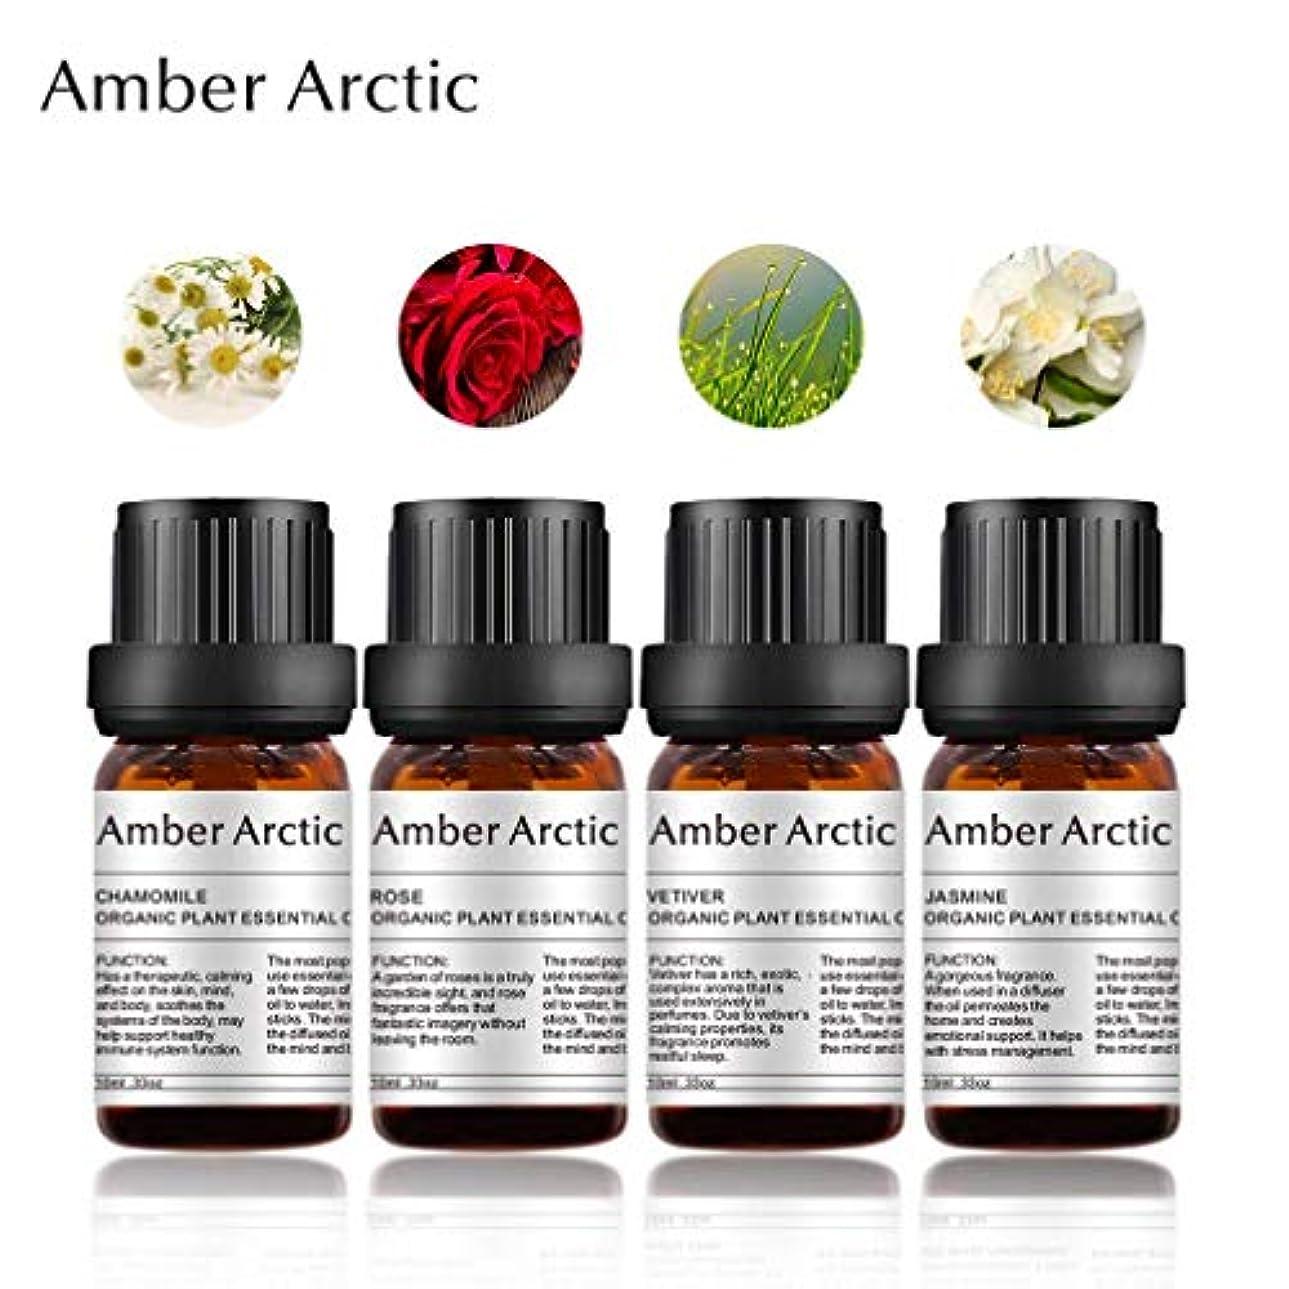 ジョリーロータリークレーンAmber Arctic 4 パック 精油 セット、 100% 純粋 天然 アロマ 最良 治療 グレード エッセンシャル オイル (ジャスミン、 ベチバー、 ローズ、 カモミール)